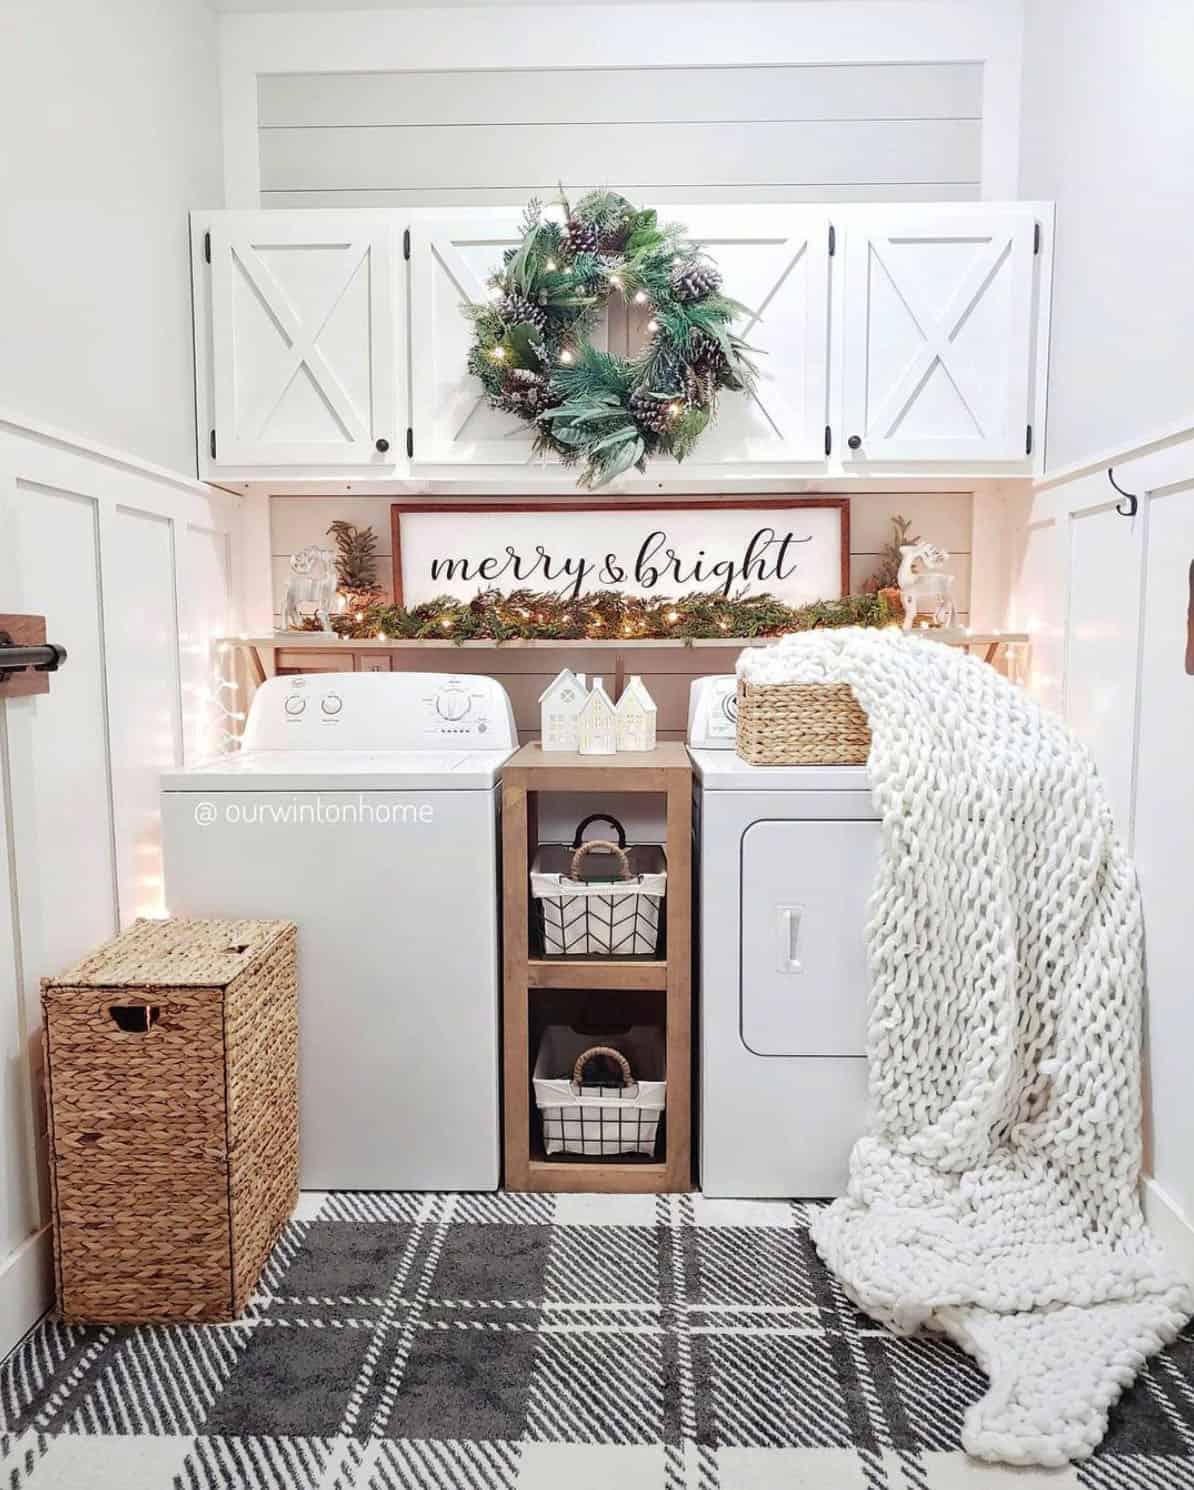 holiday-decor-ideas-laundry-room